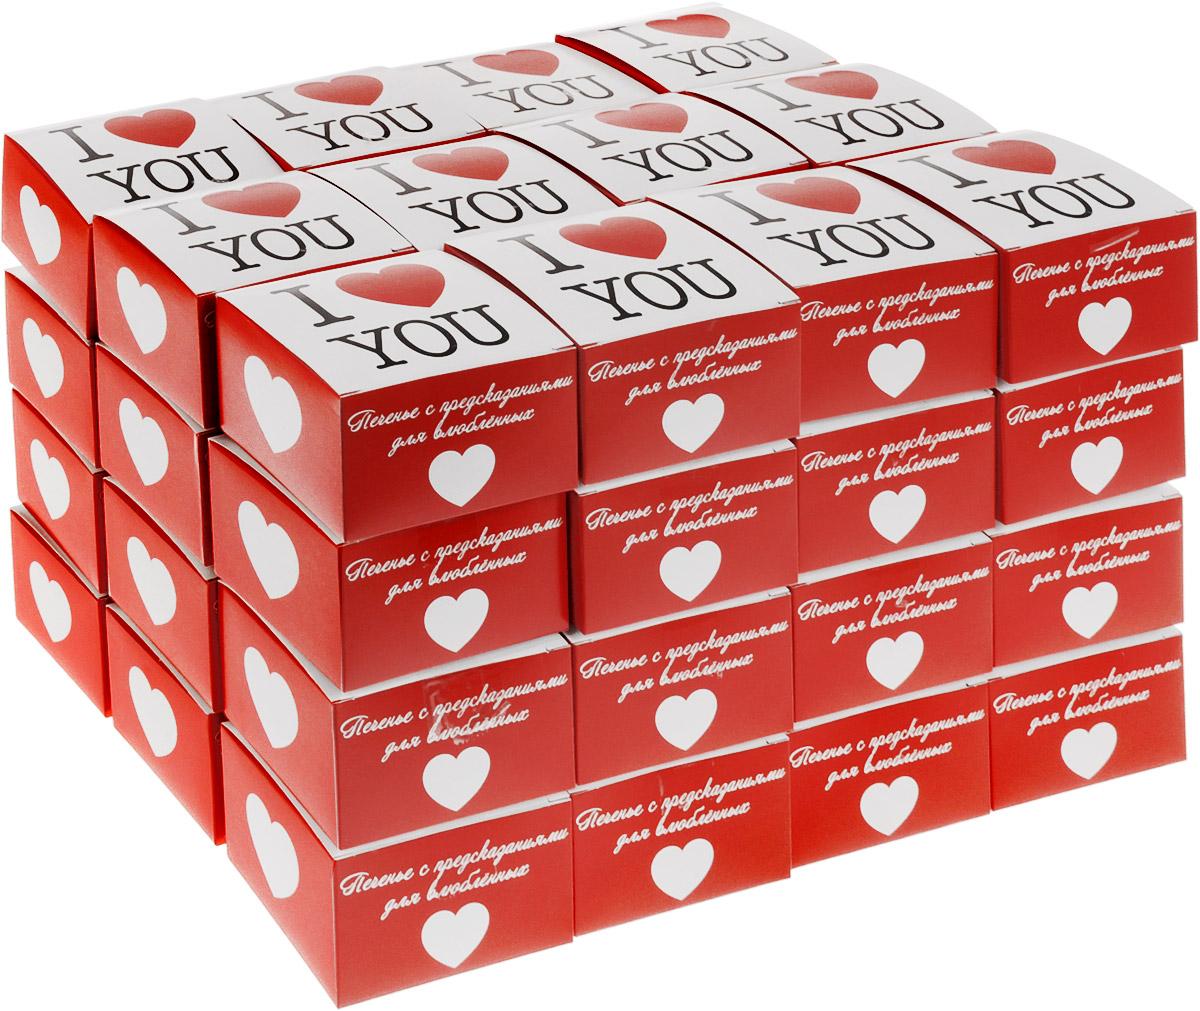 Волшебное печенье Вкусная помощь с предсказаниями Для влюбленных, 48 шт вкусная помощь сахарная вата снег 30 г